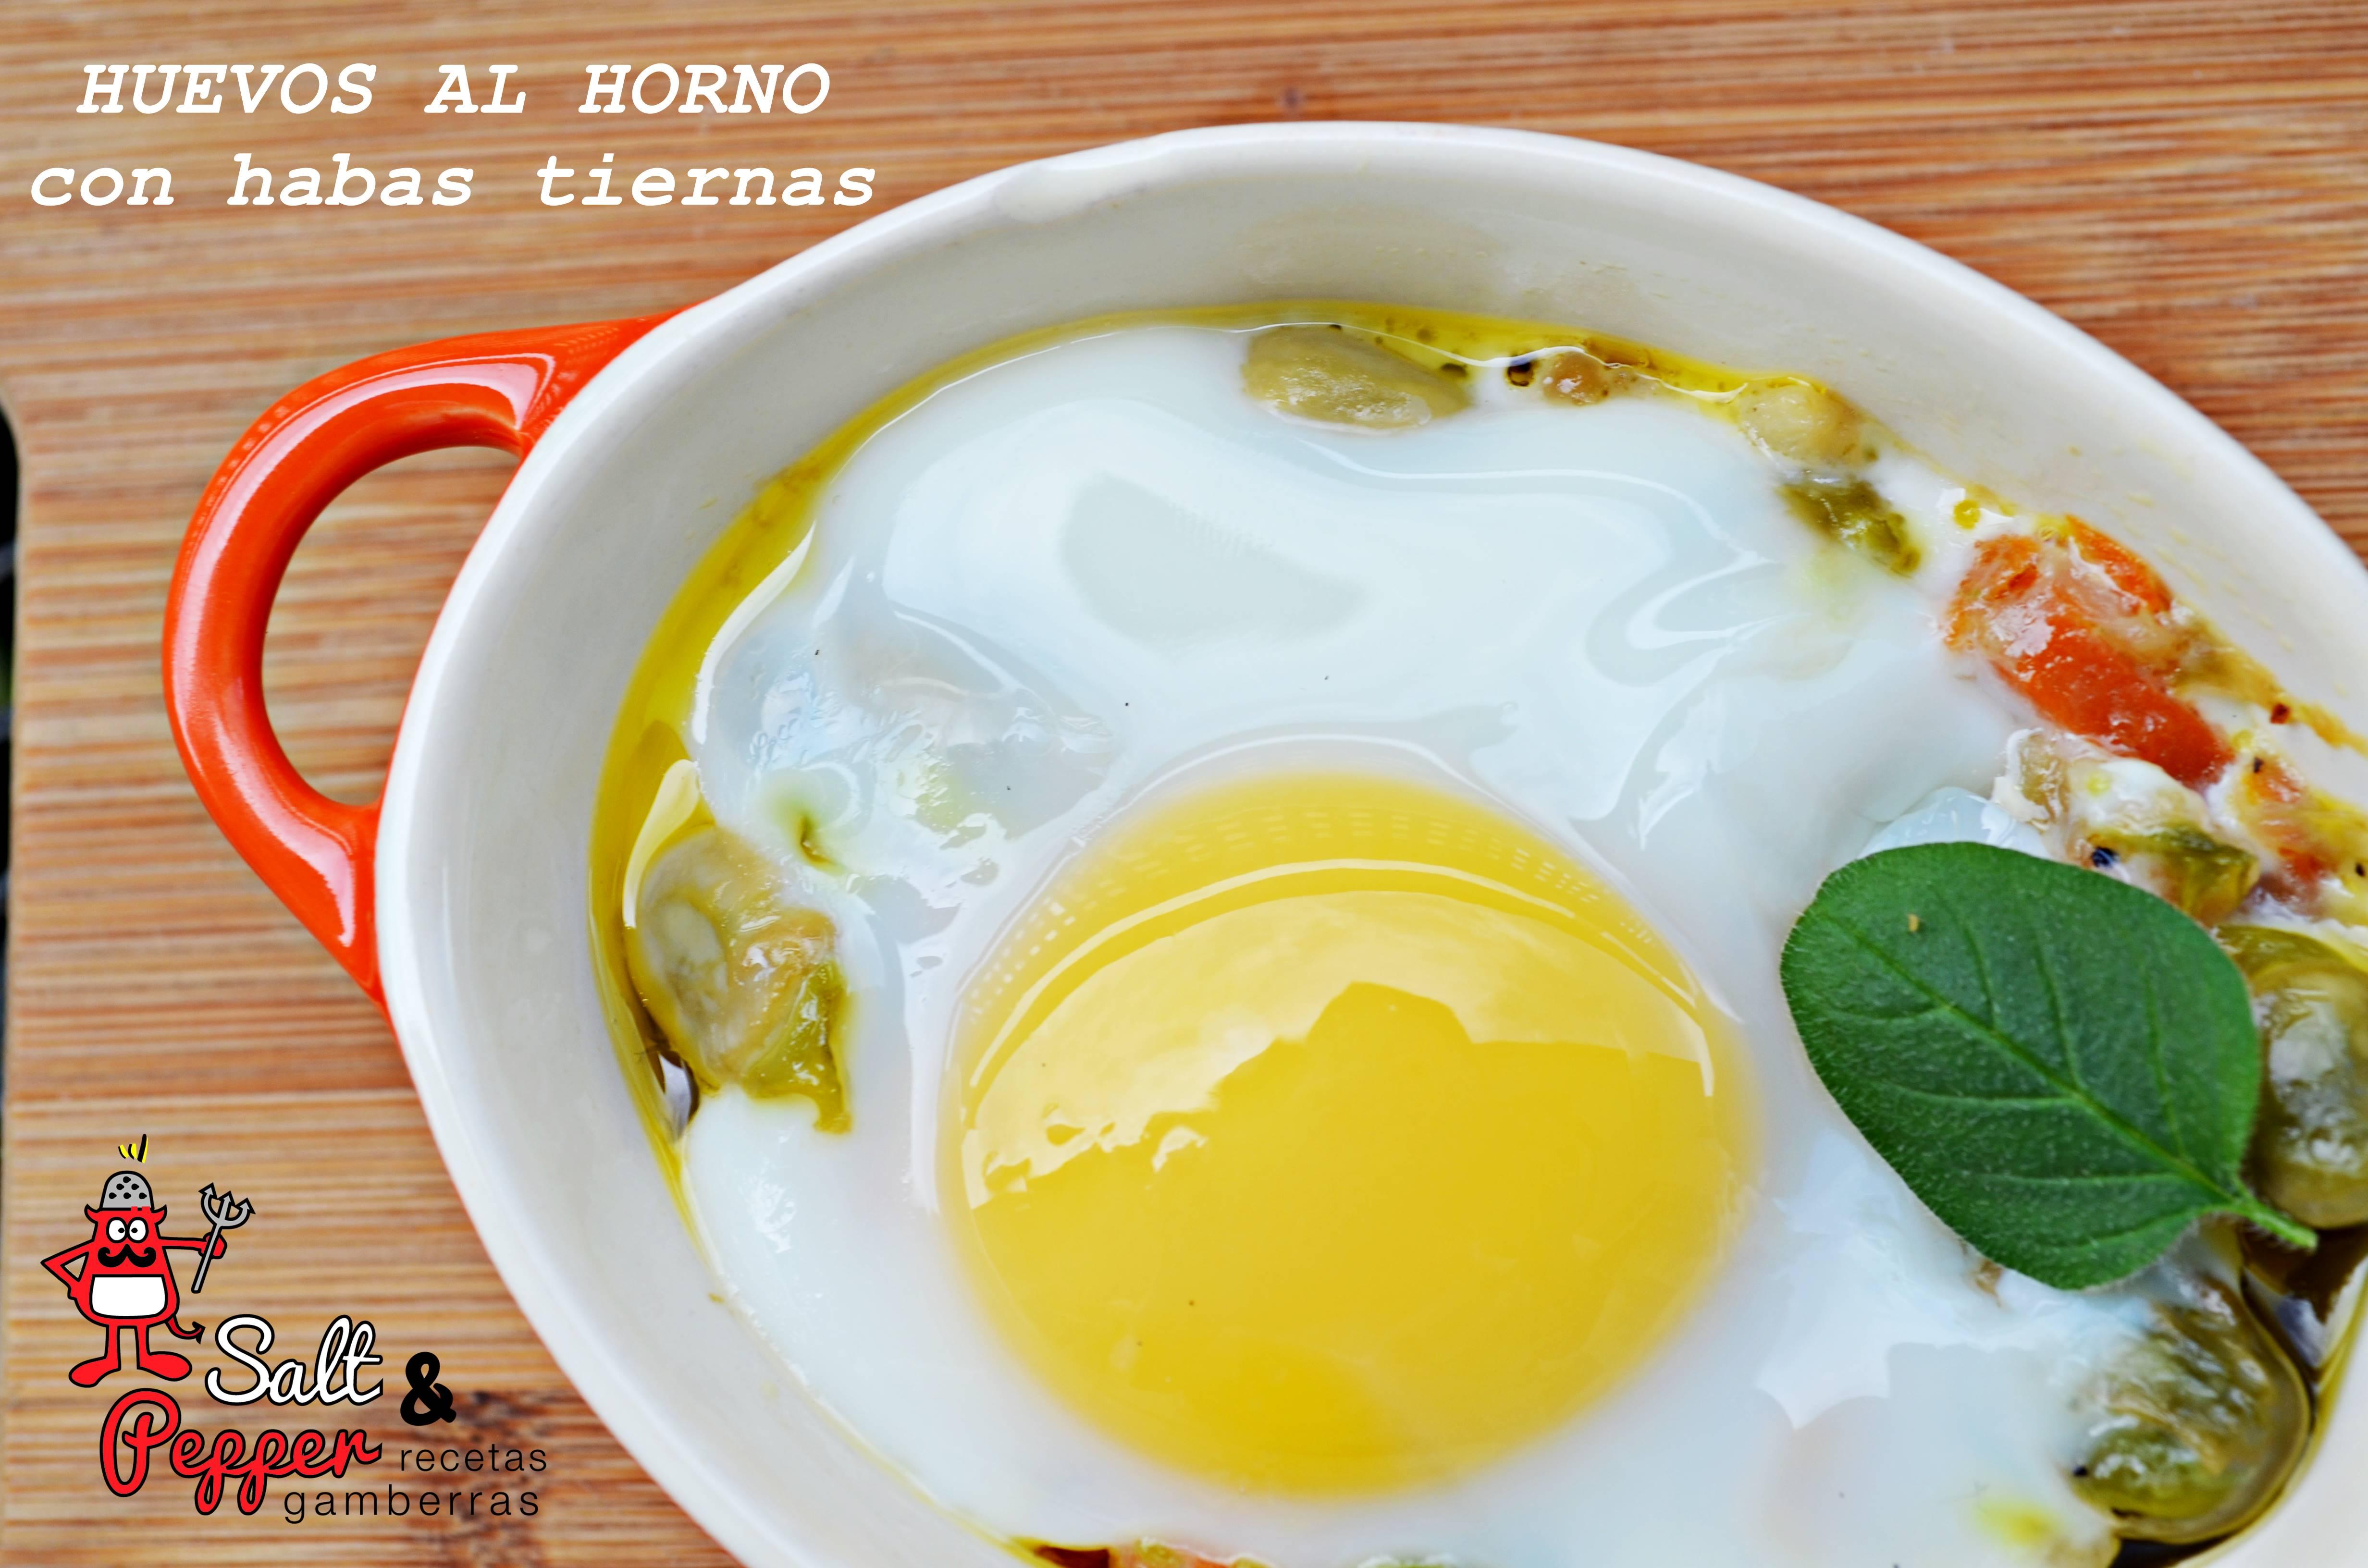 Cazuela de huevos al horno con habas tiernas.